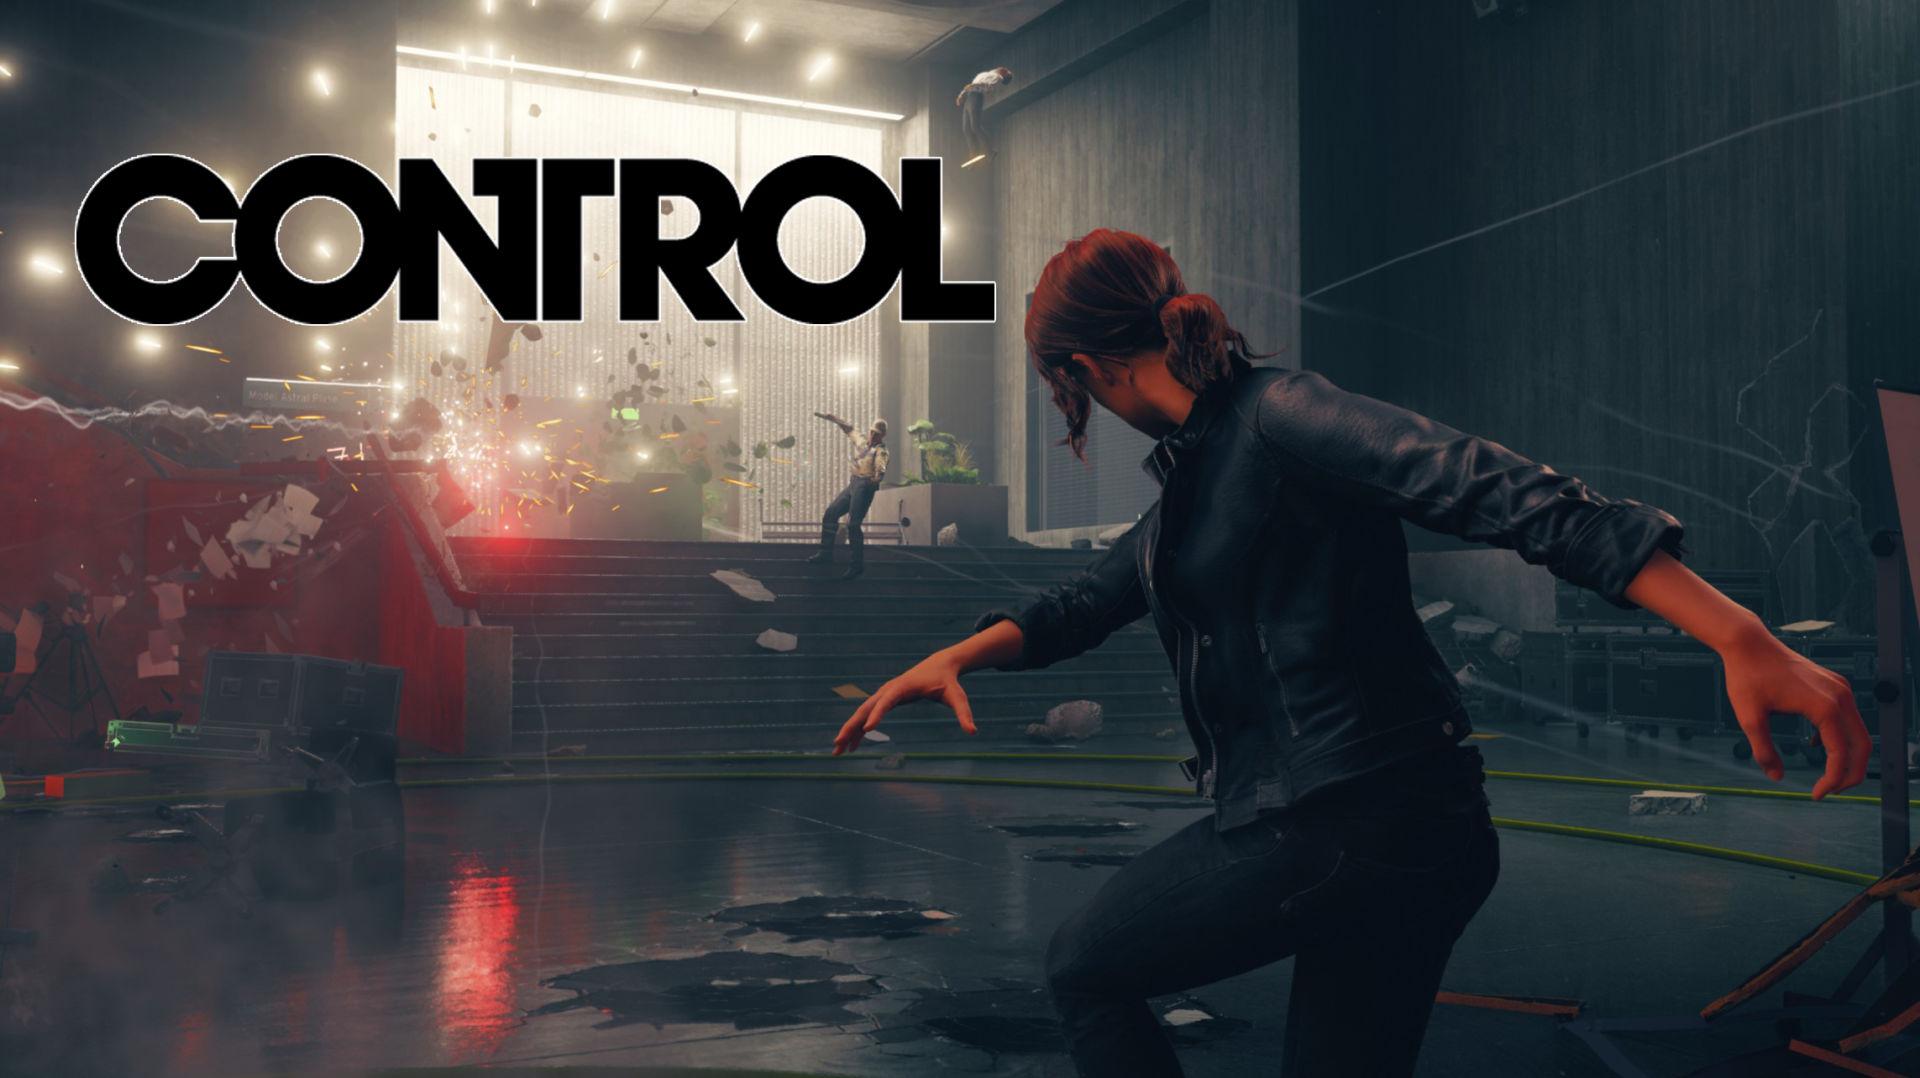 Das hochgelobte Spiel 'Control' von 505 Games und Remedy Entertainment  erscheint heute für PC, PS4 und Xbox One - News - MGM